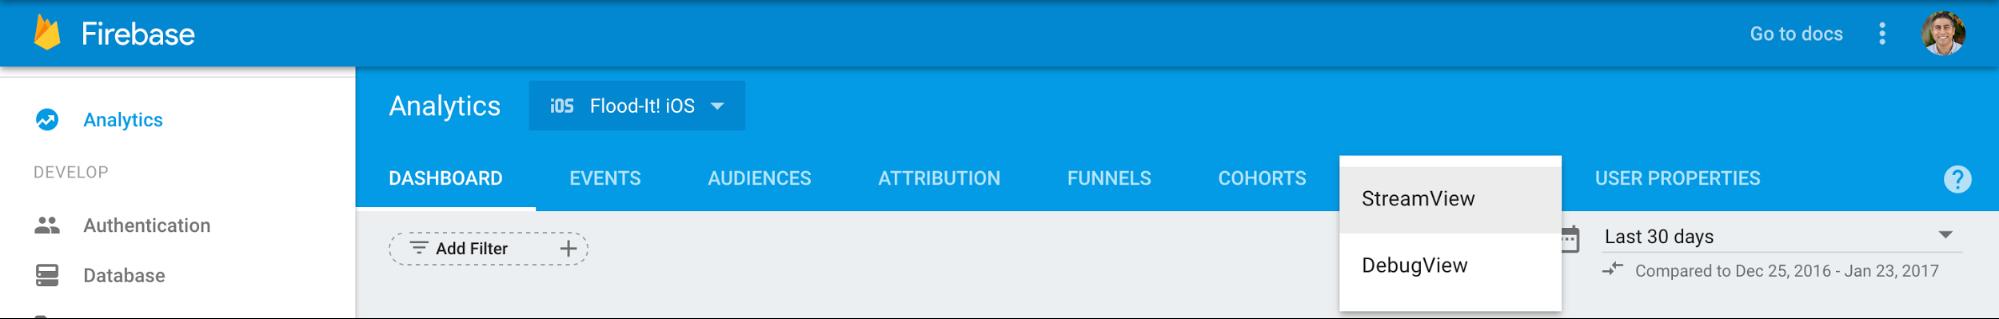 Перейдите к DebugView, щелкнув стрелку рядом с StreamView в верхней части панели навигации Google Analytics и выбрав DebugView.